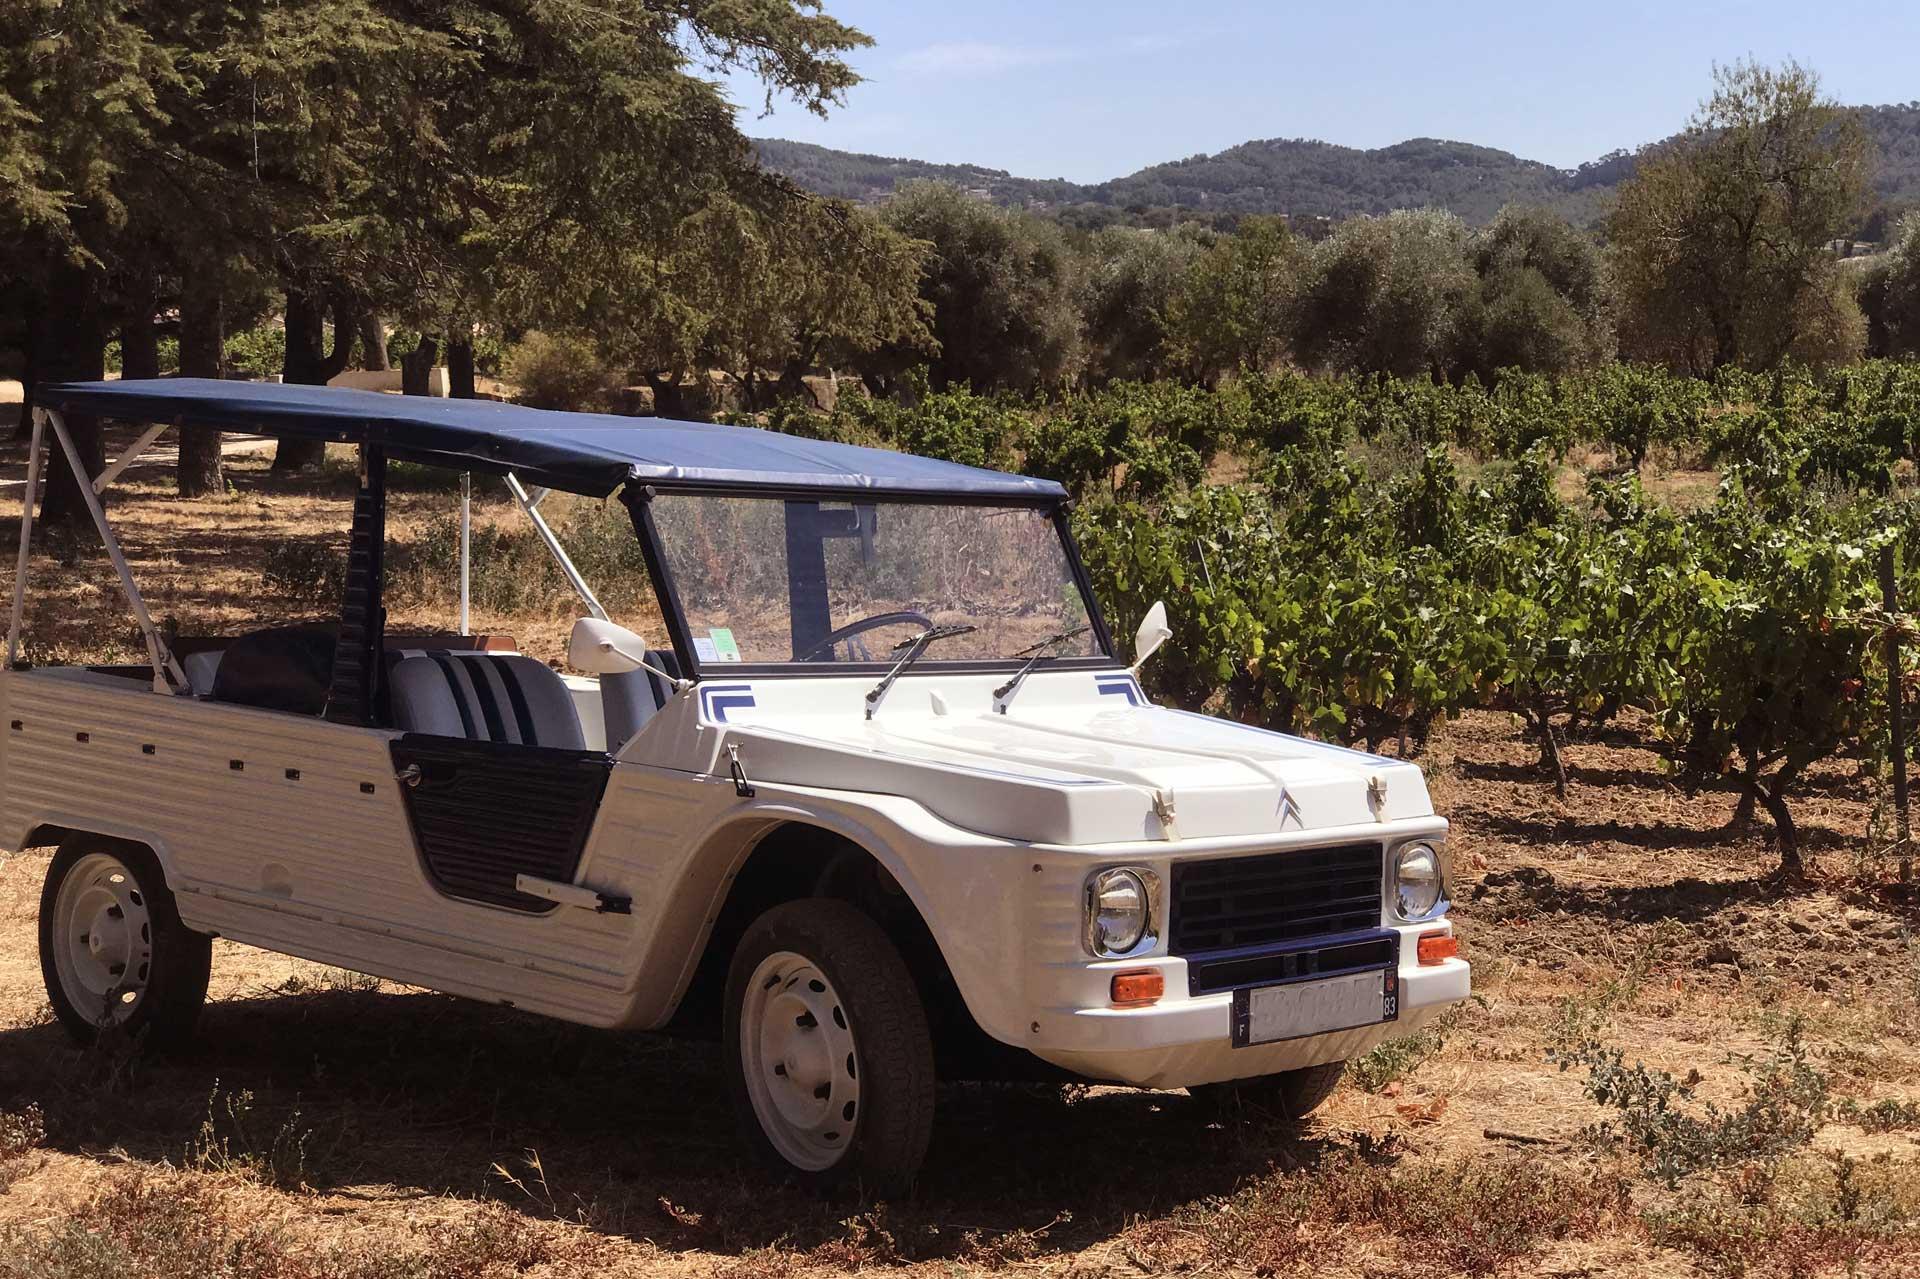 provence wine adventure oenotourisme Bandol